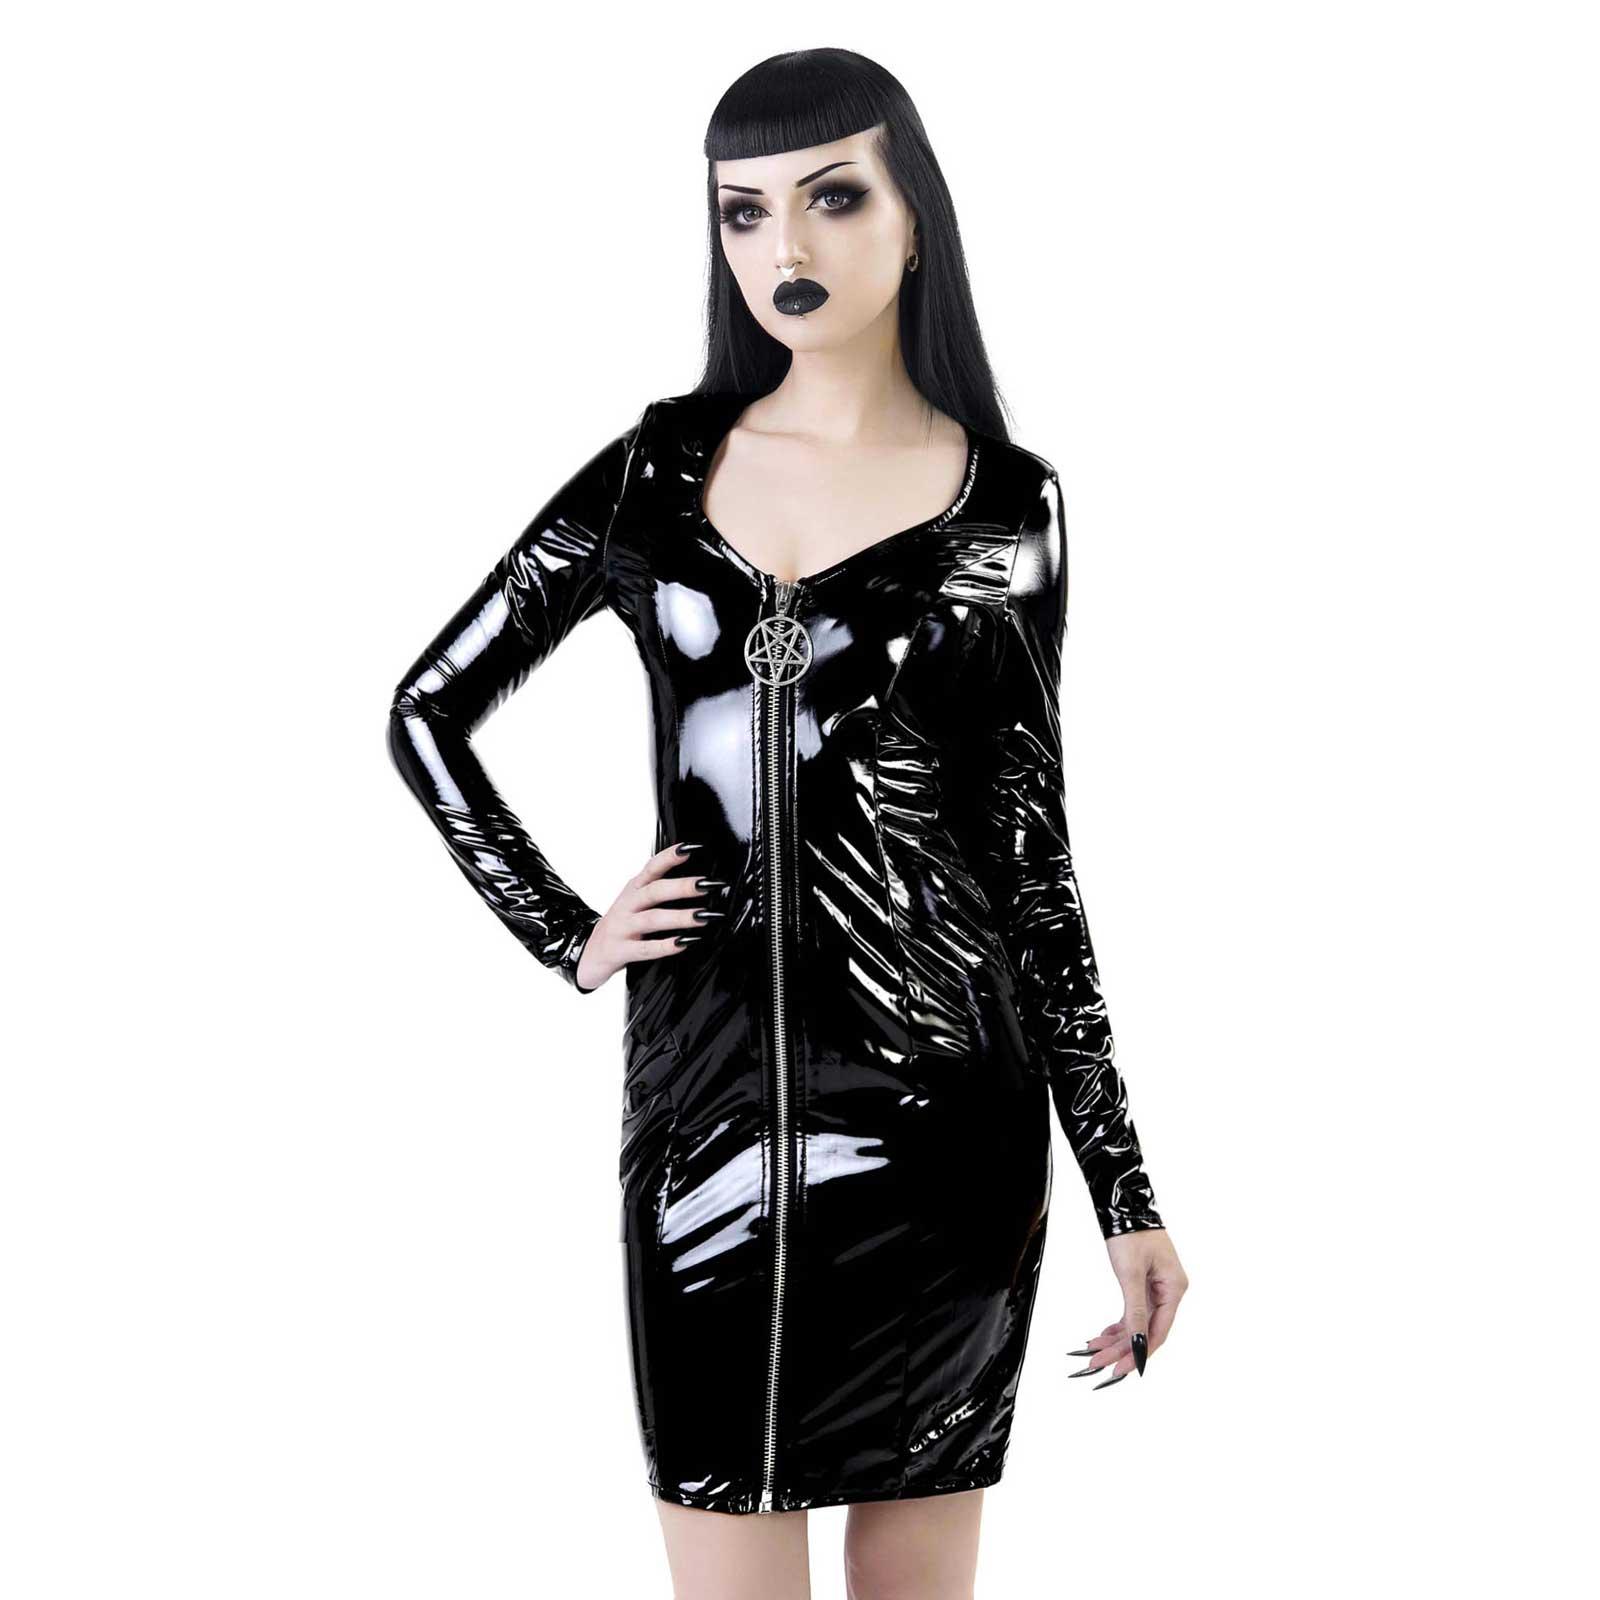 KILLSTAR Underworld Vinyl Dress